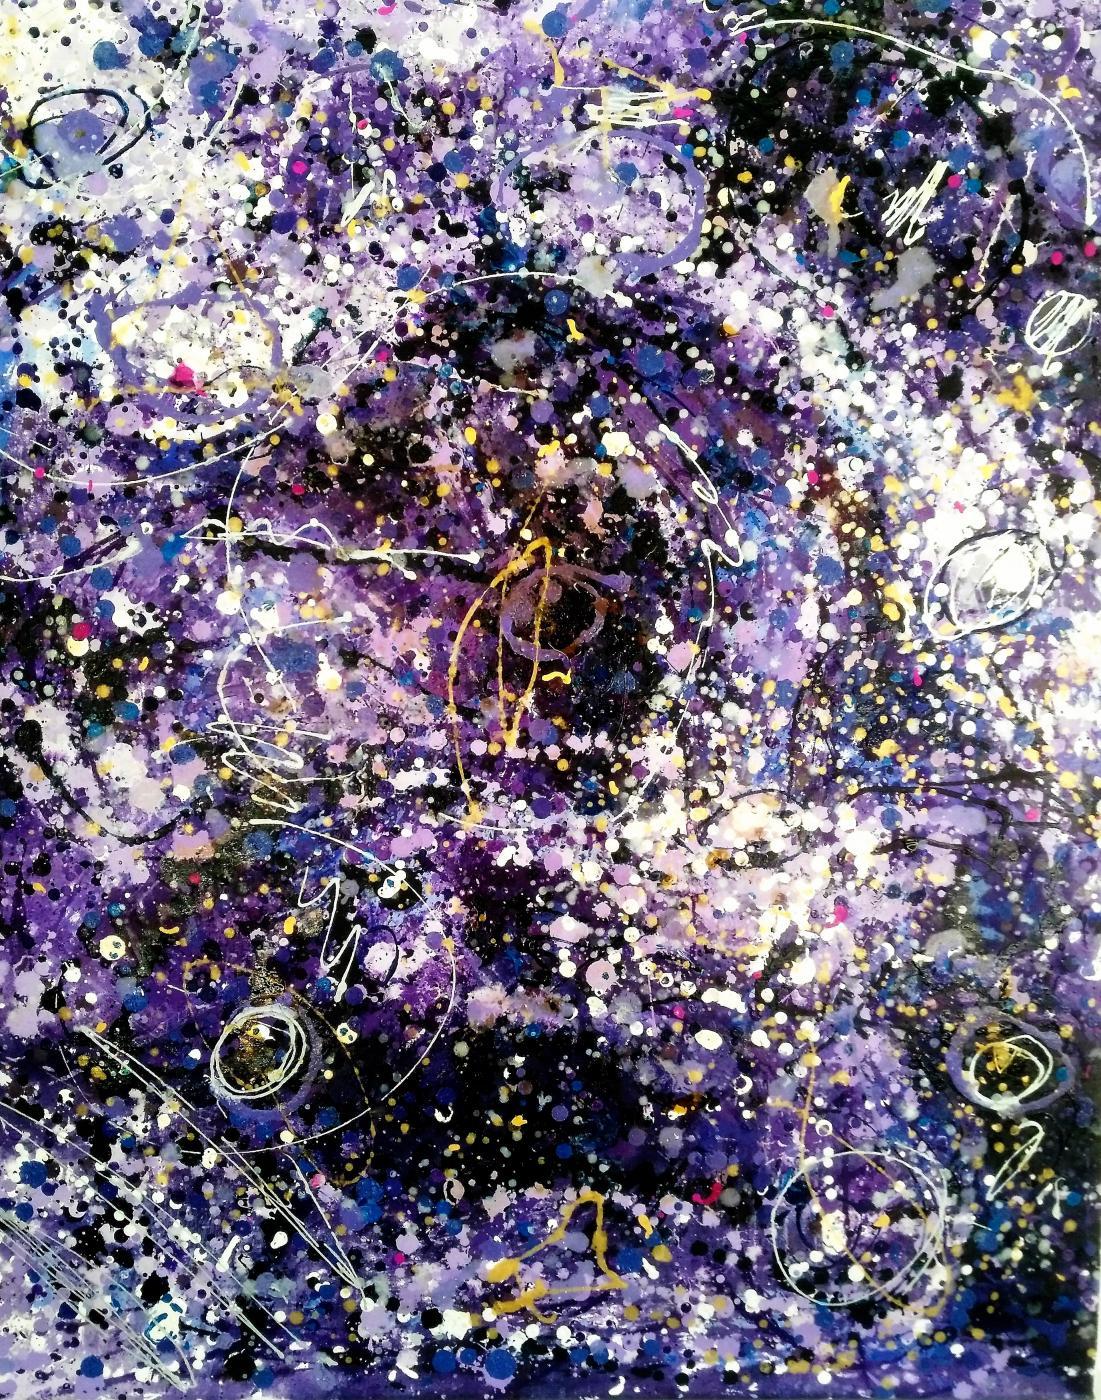 Constelación en lila's I (2017) - Joan Parramón Fornos